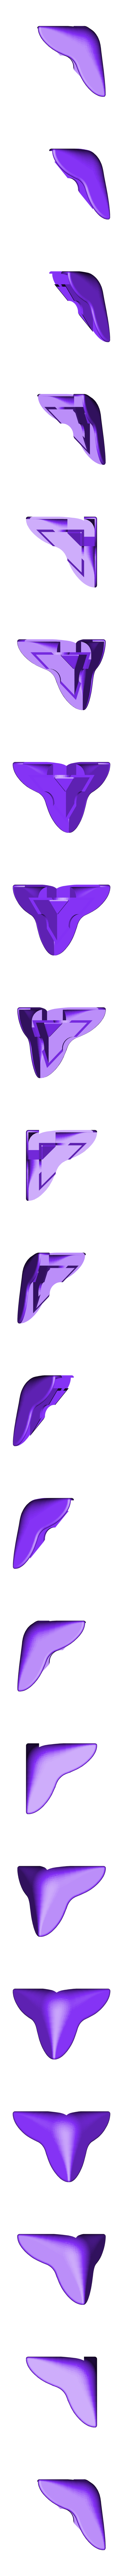 Top Front.STL Télécharger fichier STL gratuit Poitrine de Foerris • Objet pour imprimante 3D, Foerris